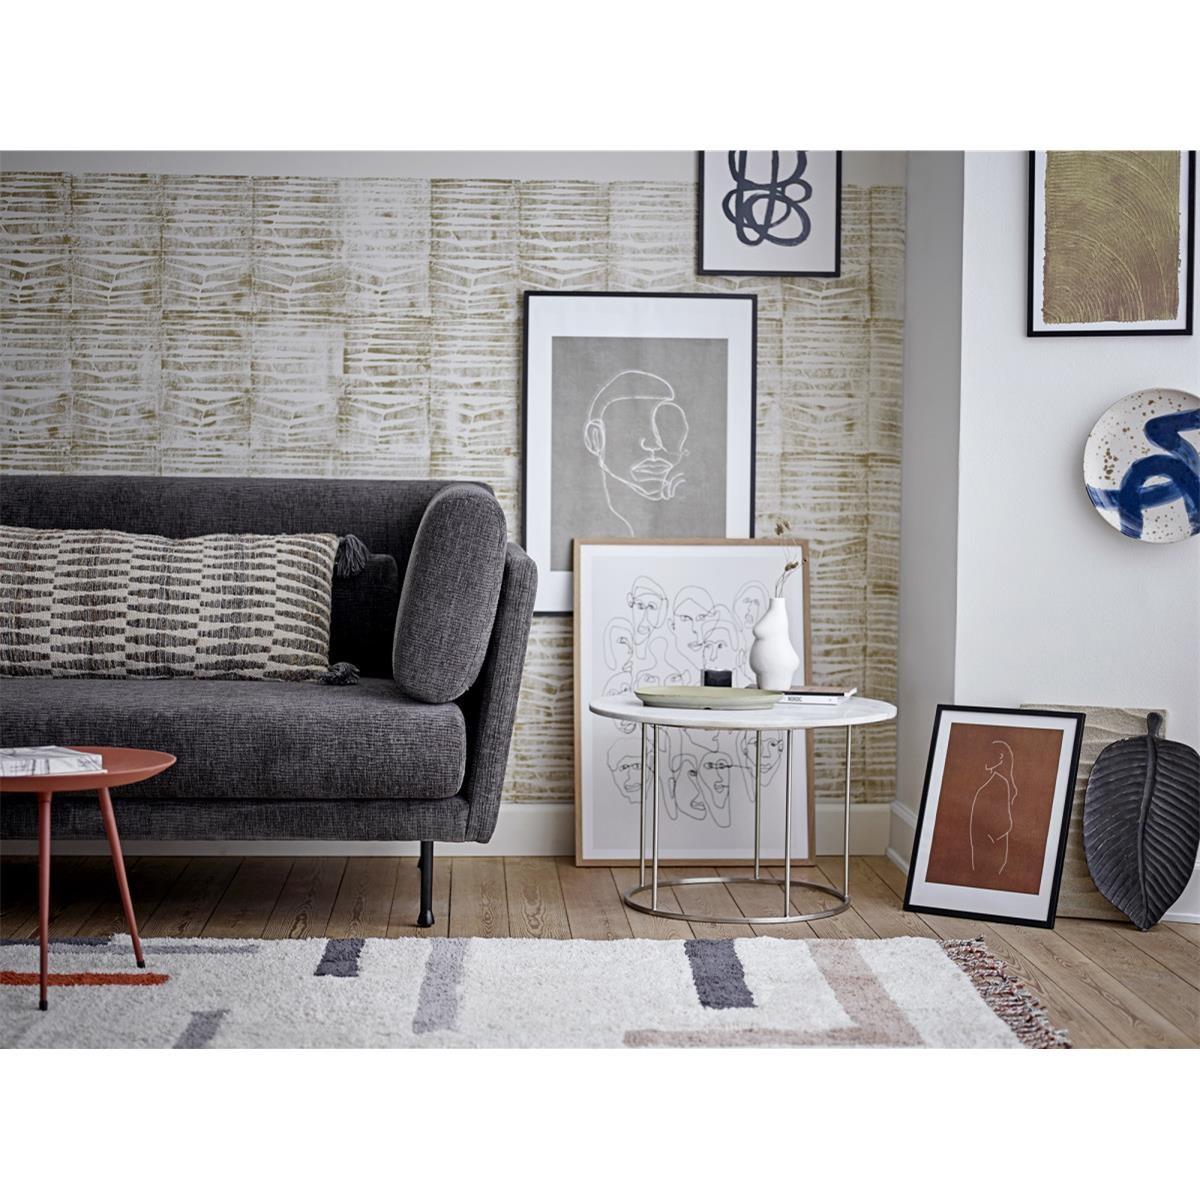 Obraz v černém dřevěném rámu Hake 52x72 cm_7